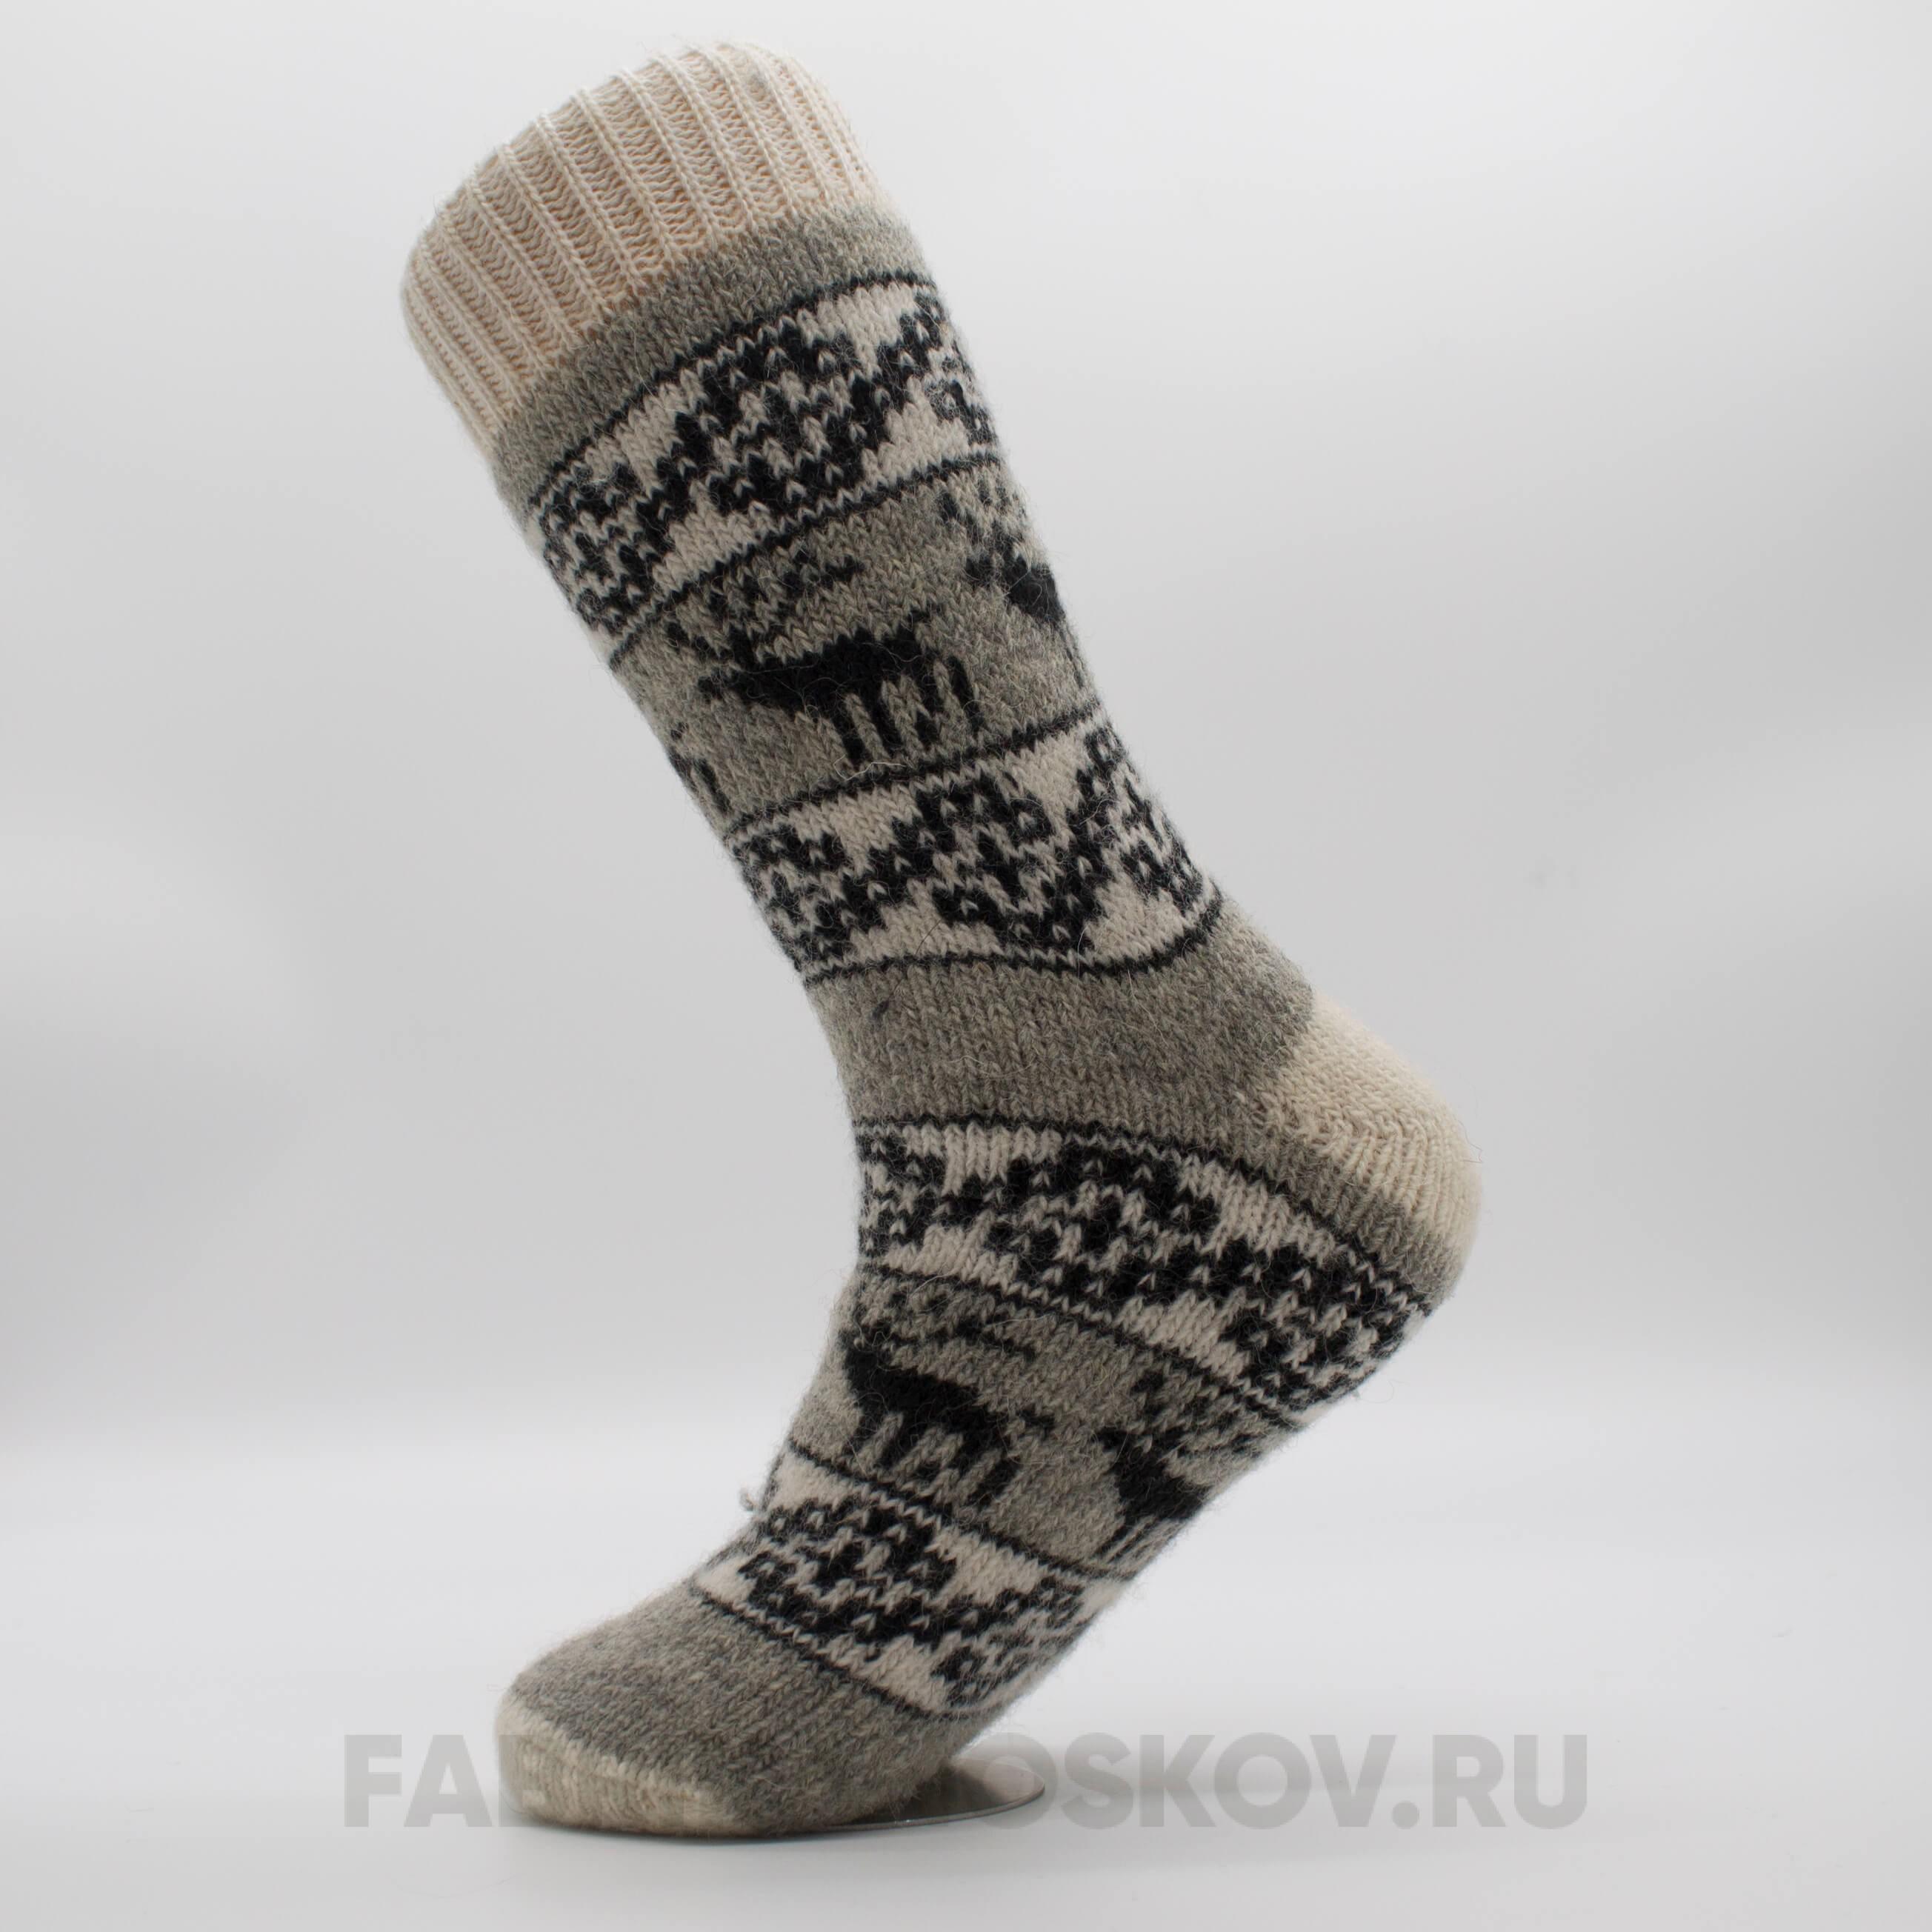 Мужские длинные шерстяные носки с оленями и орнаментом